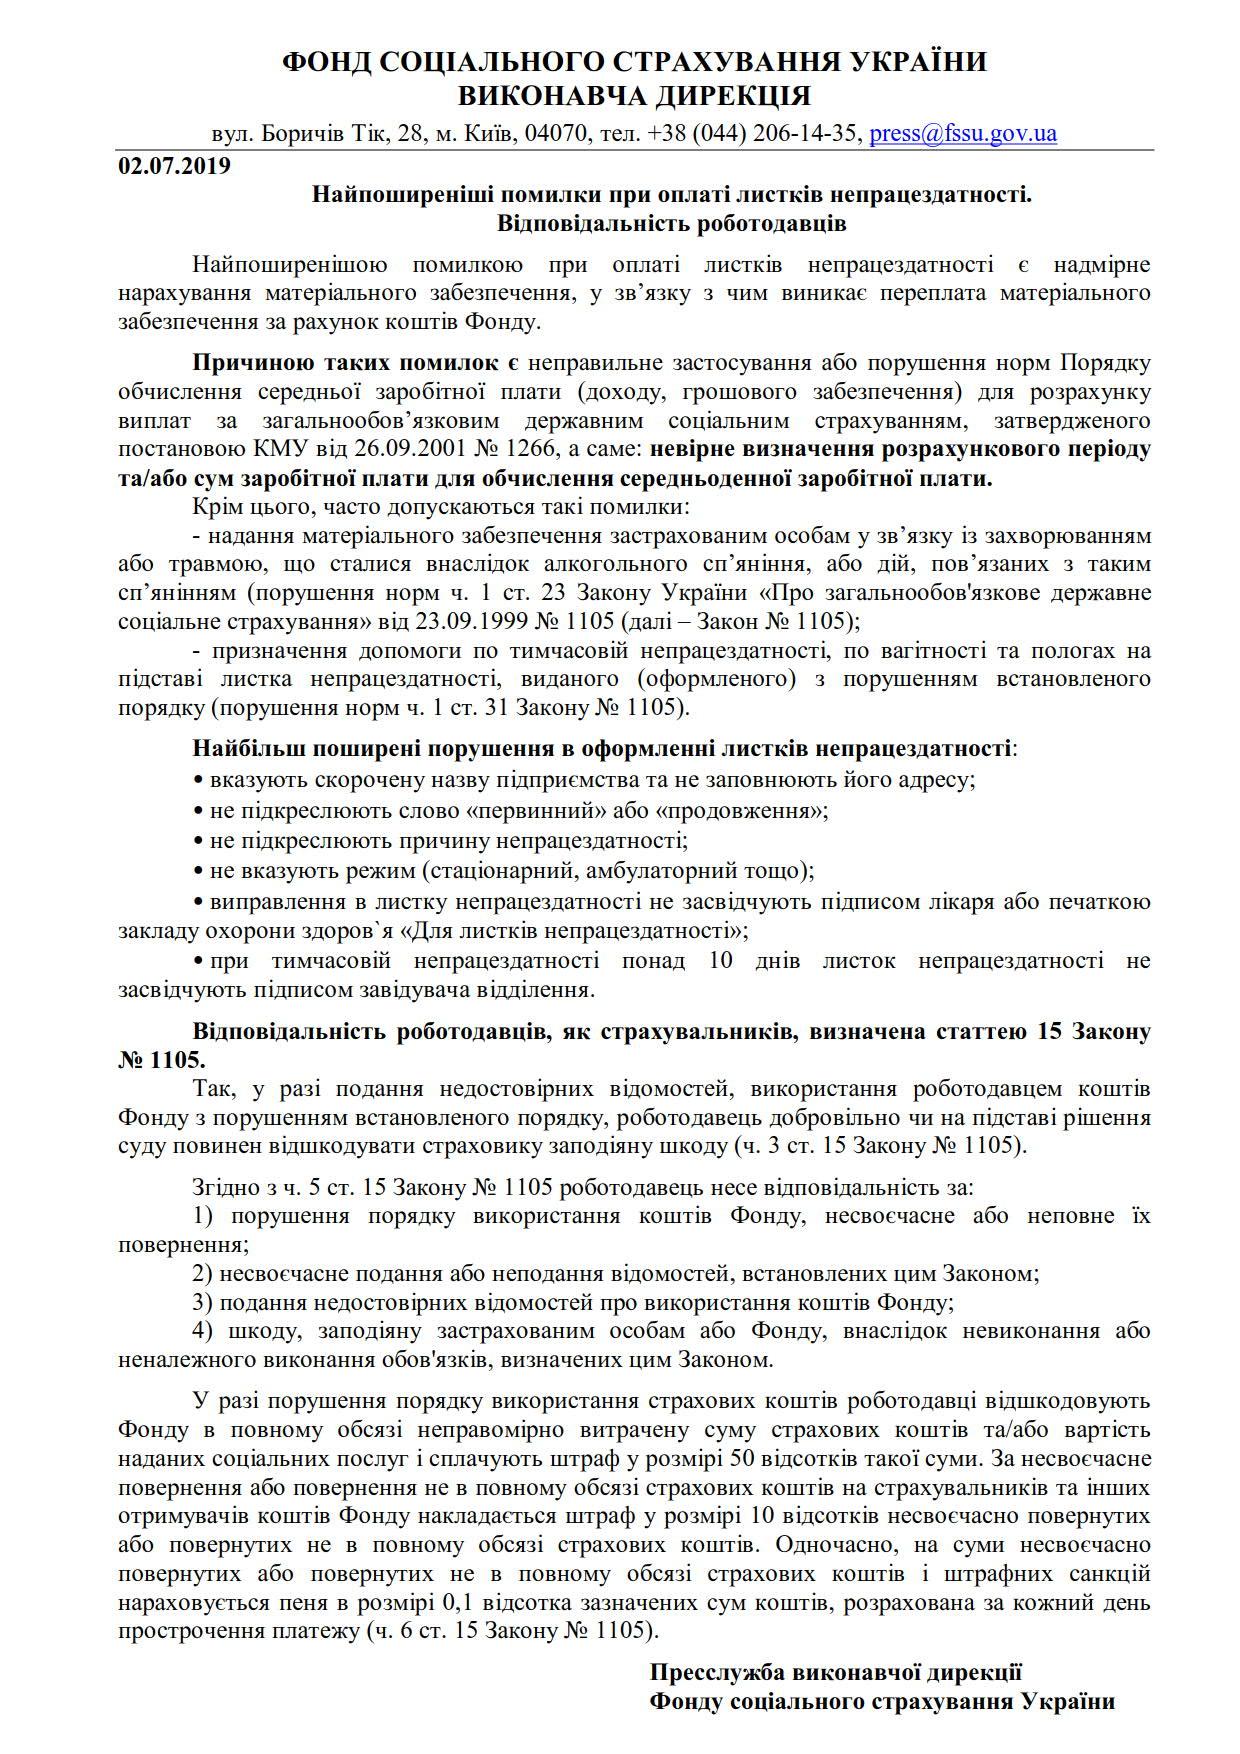 ФССУ_Найпоширеніші помилки при оплаті лікарняних_1